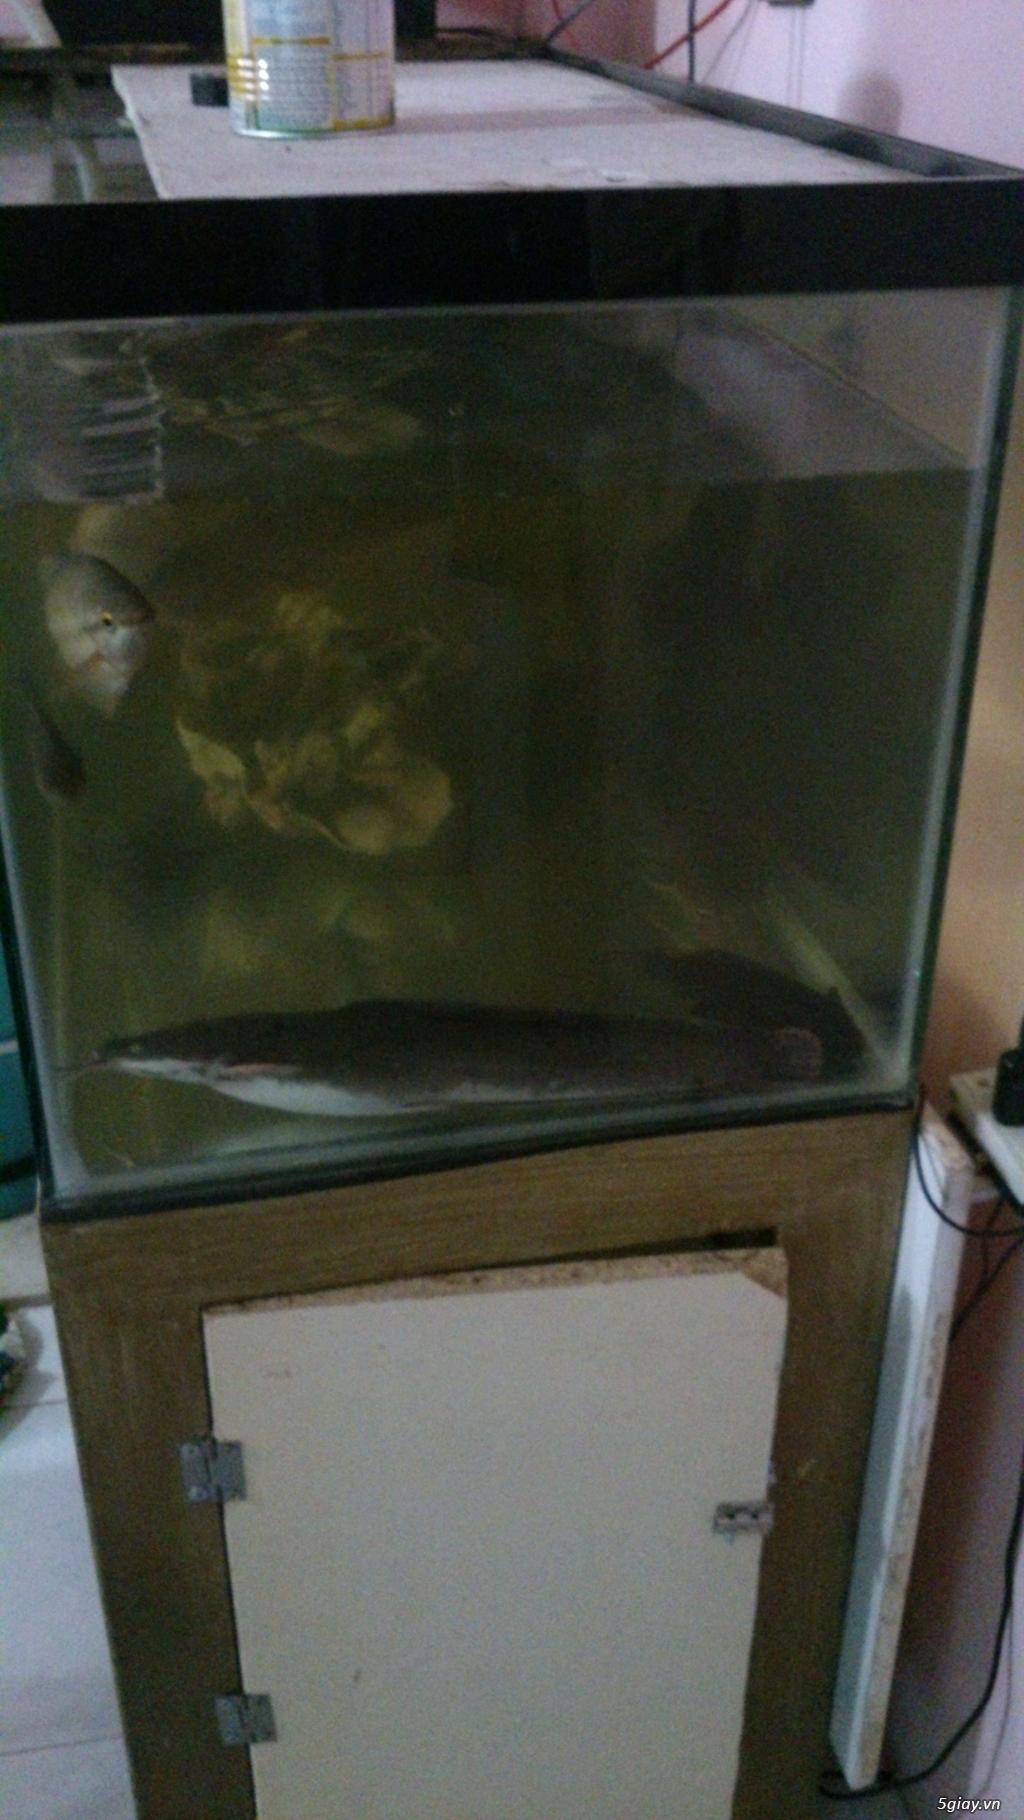 Hồ cá lớn 2 tầng đây bà con!!! - 2